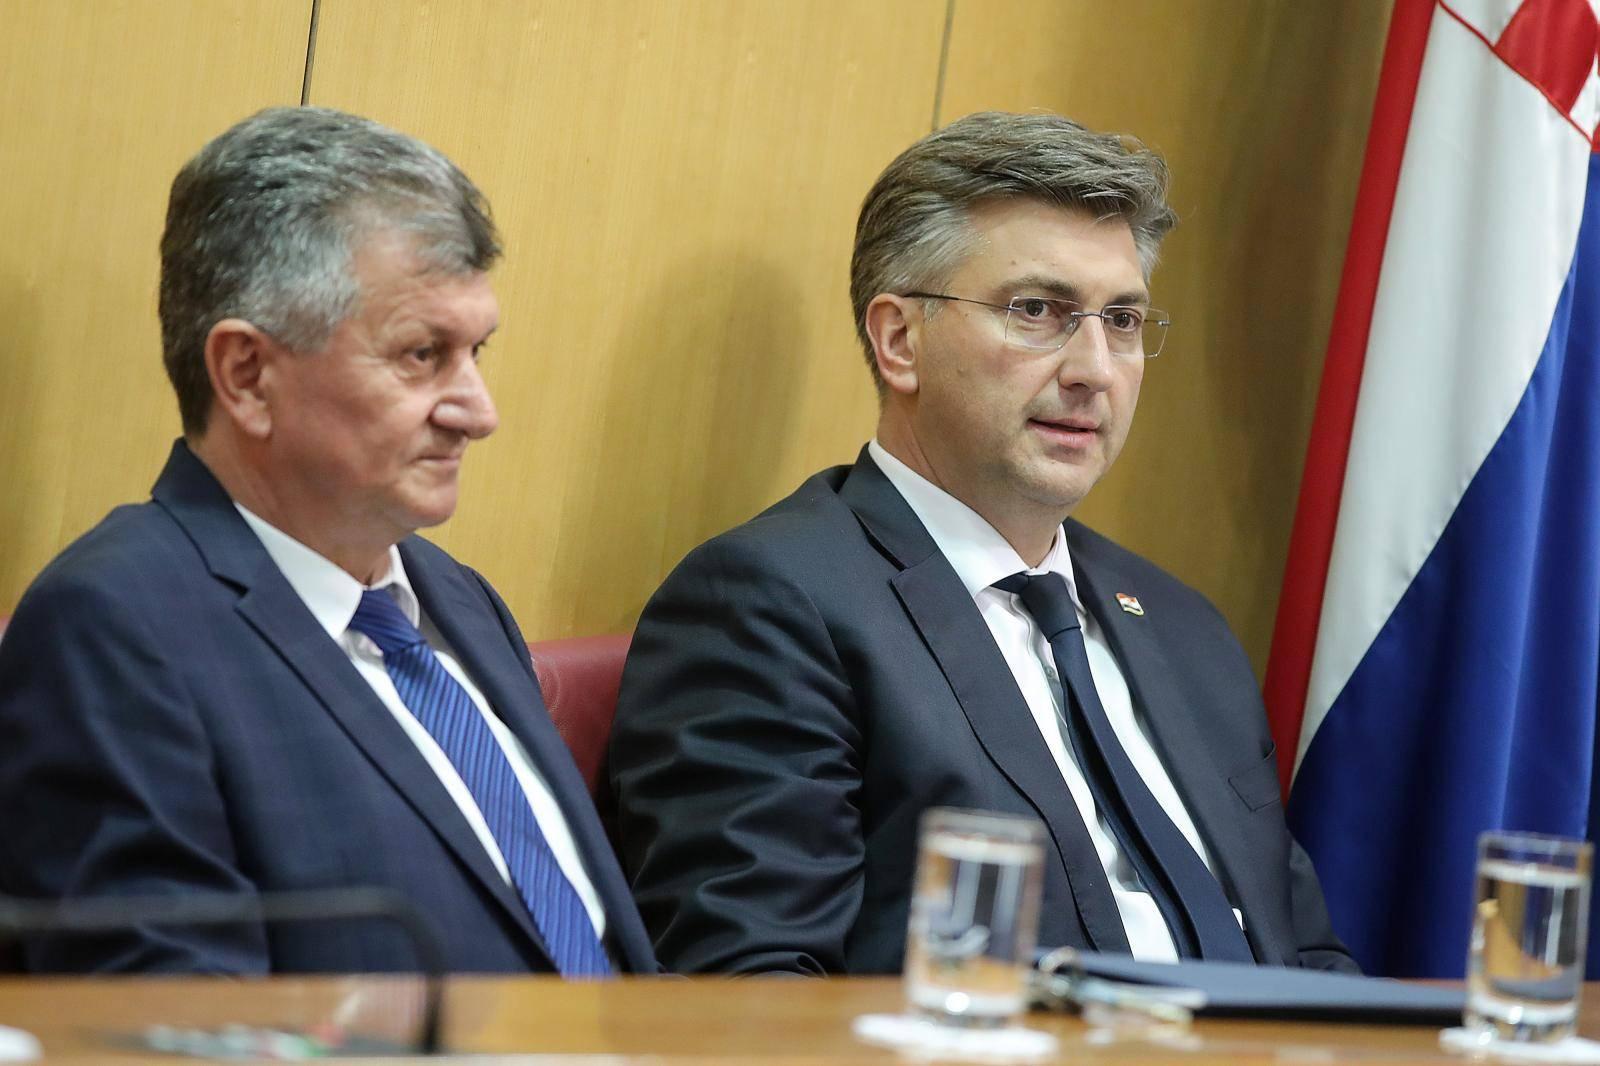 Plenković čeka Kujundžića  u Vladi: Pričat će o kupnji kuća